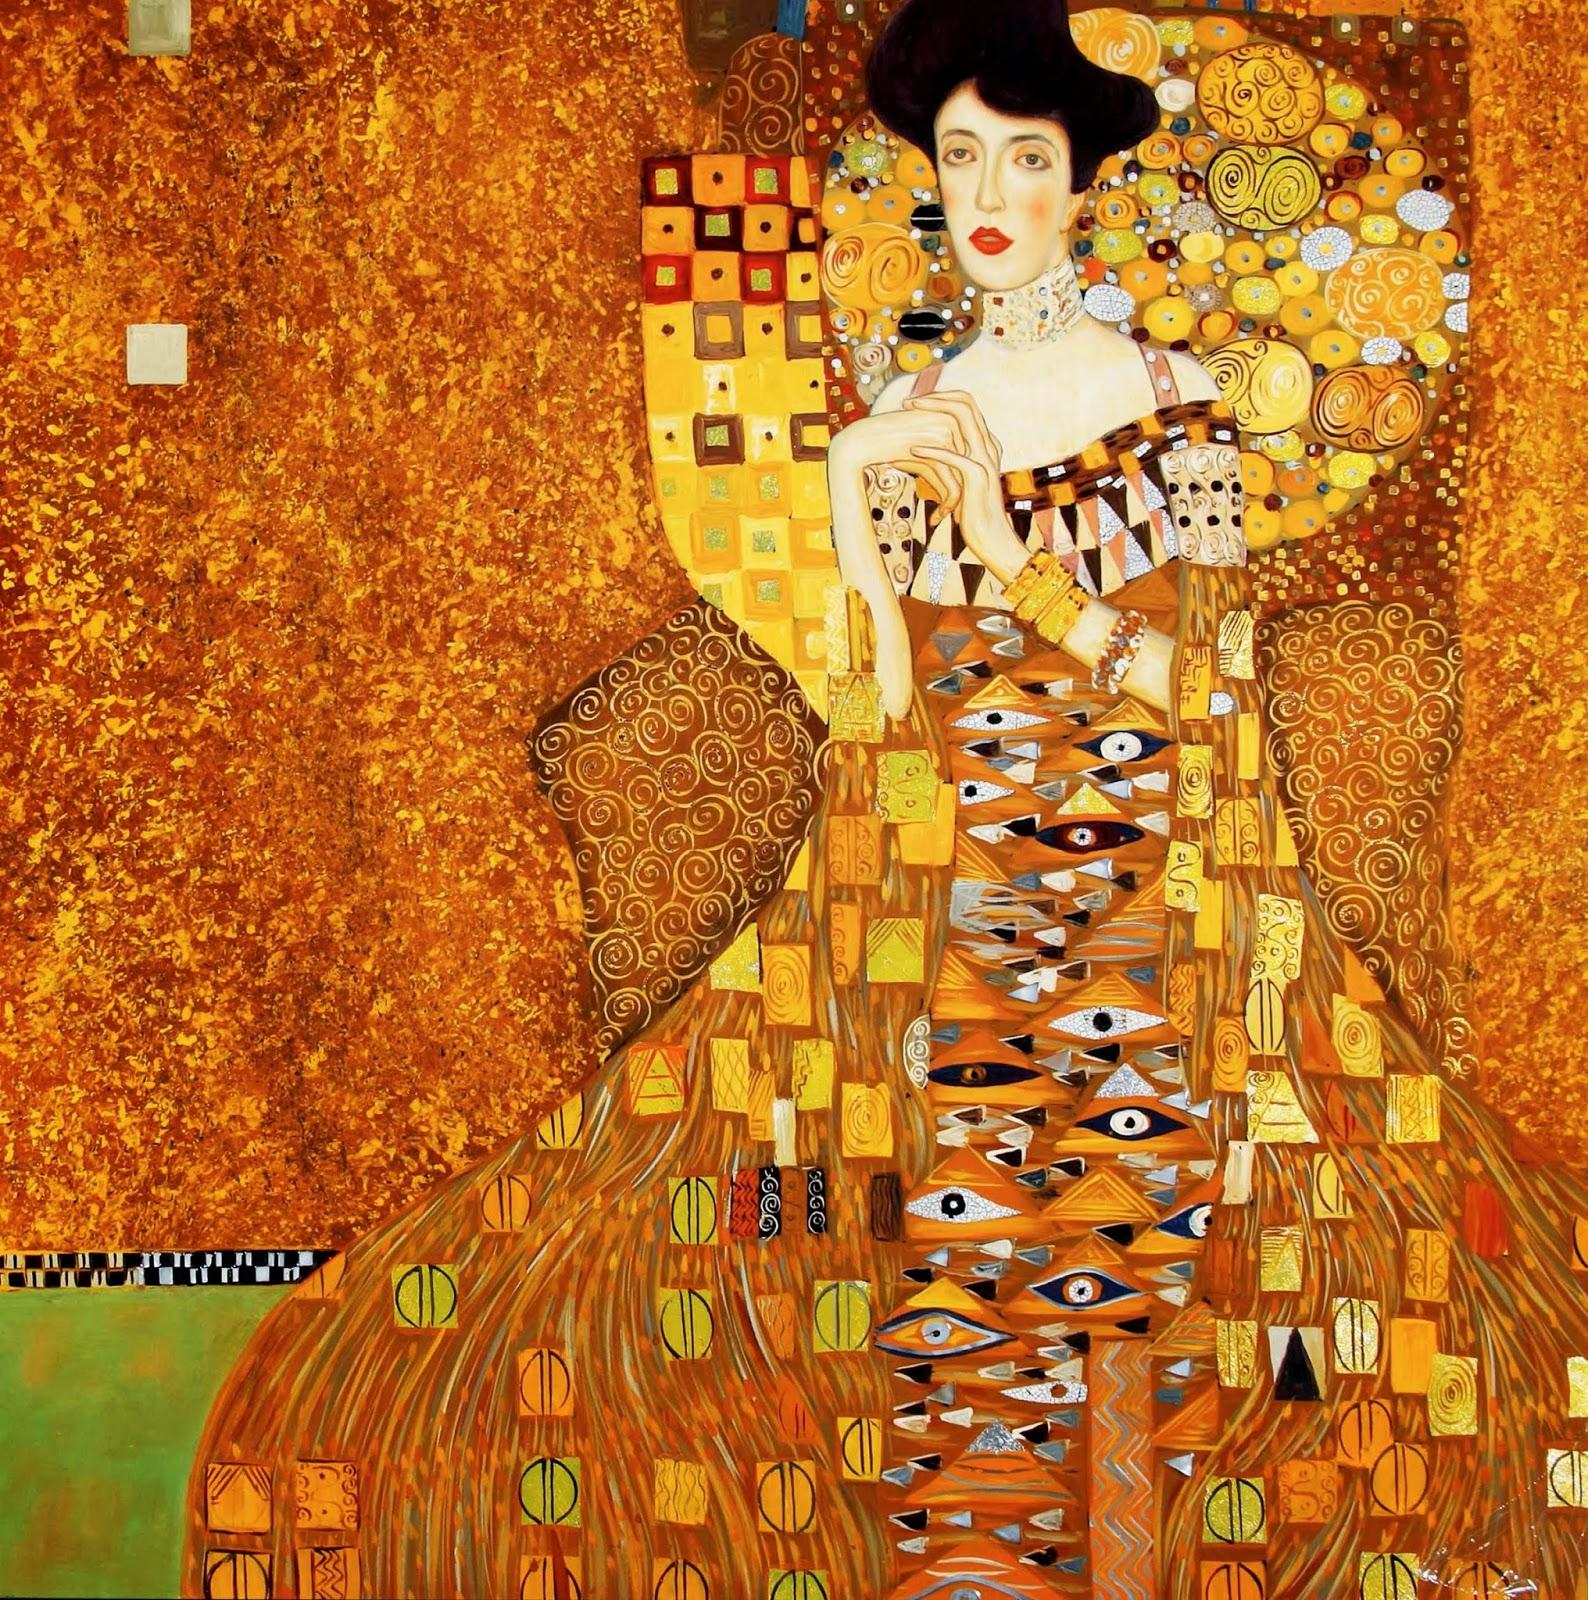 Lavrapalavra Gustav Klimt Anima 231 227 O Do Quadro De Klimt